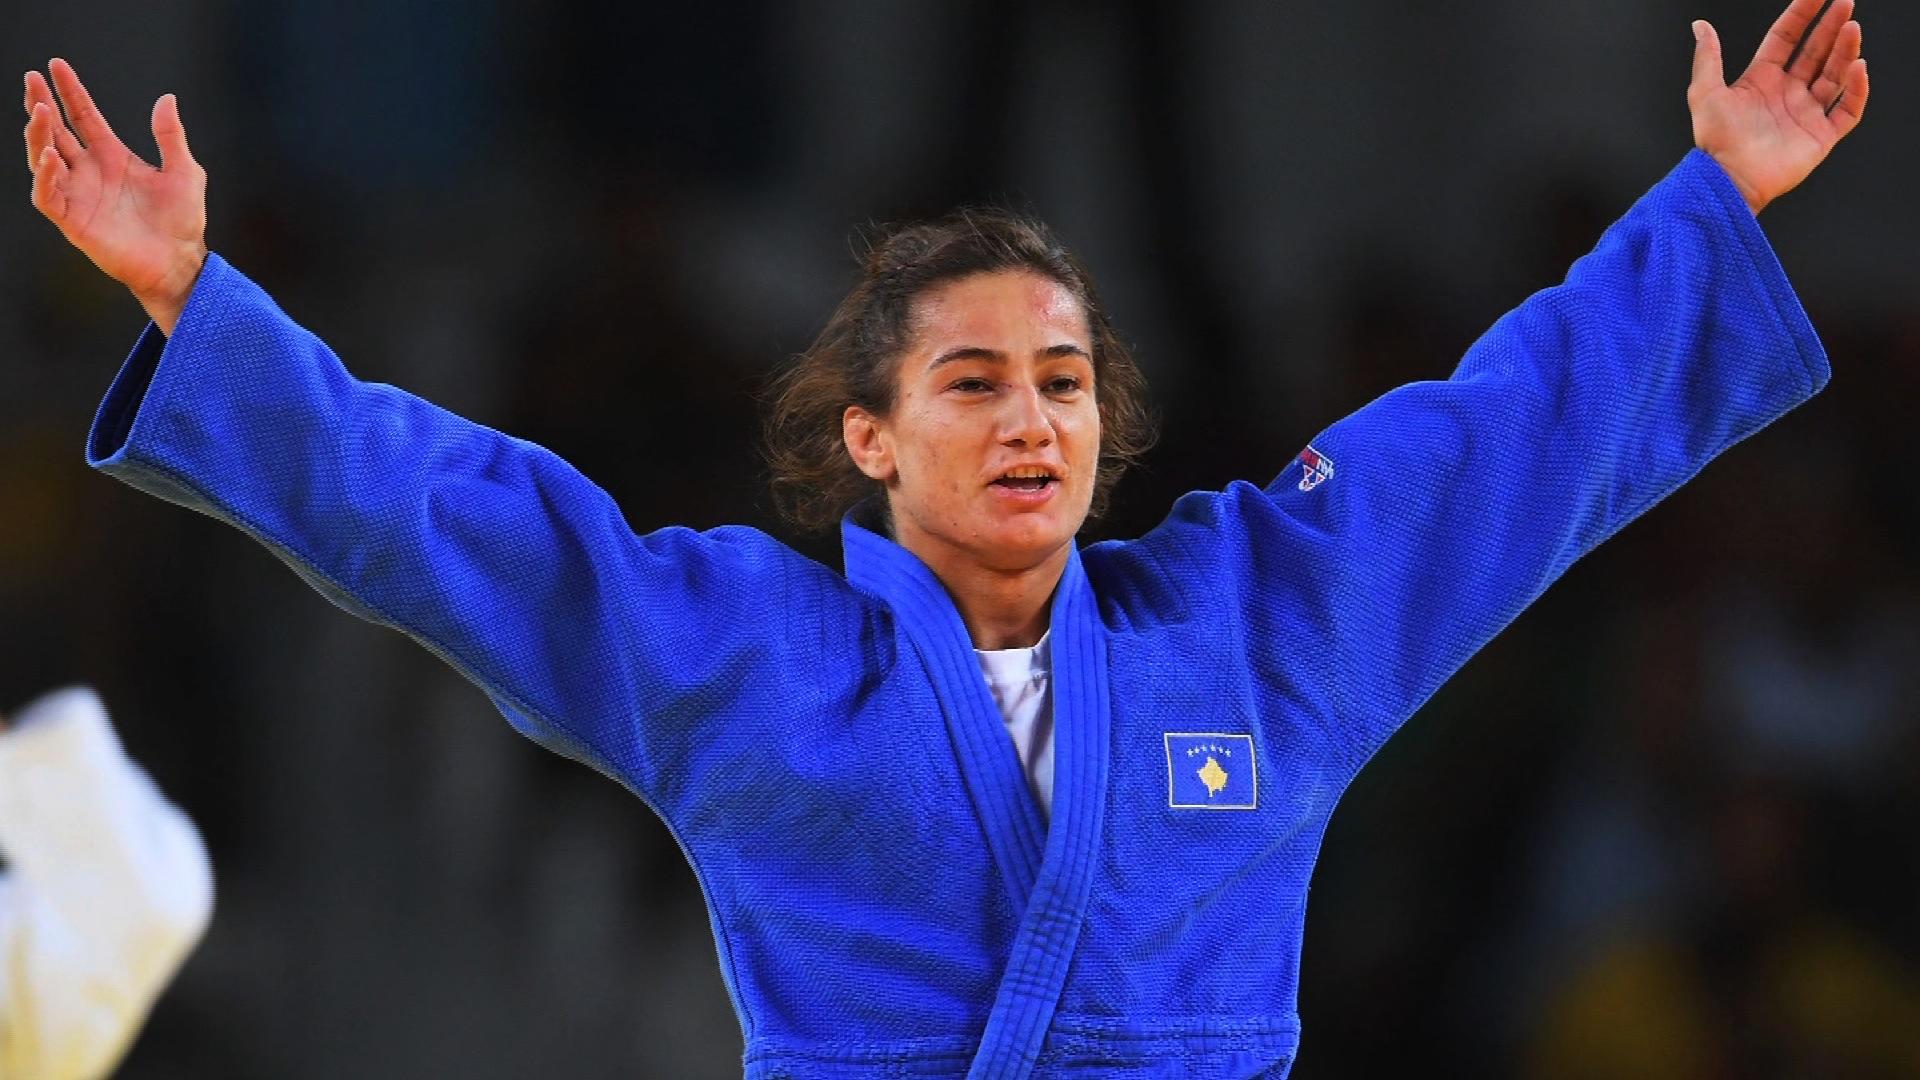 Majlinda Kelmendi nuk ndalet, kualifikohet në gjysmëfinale